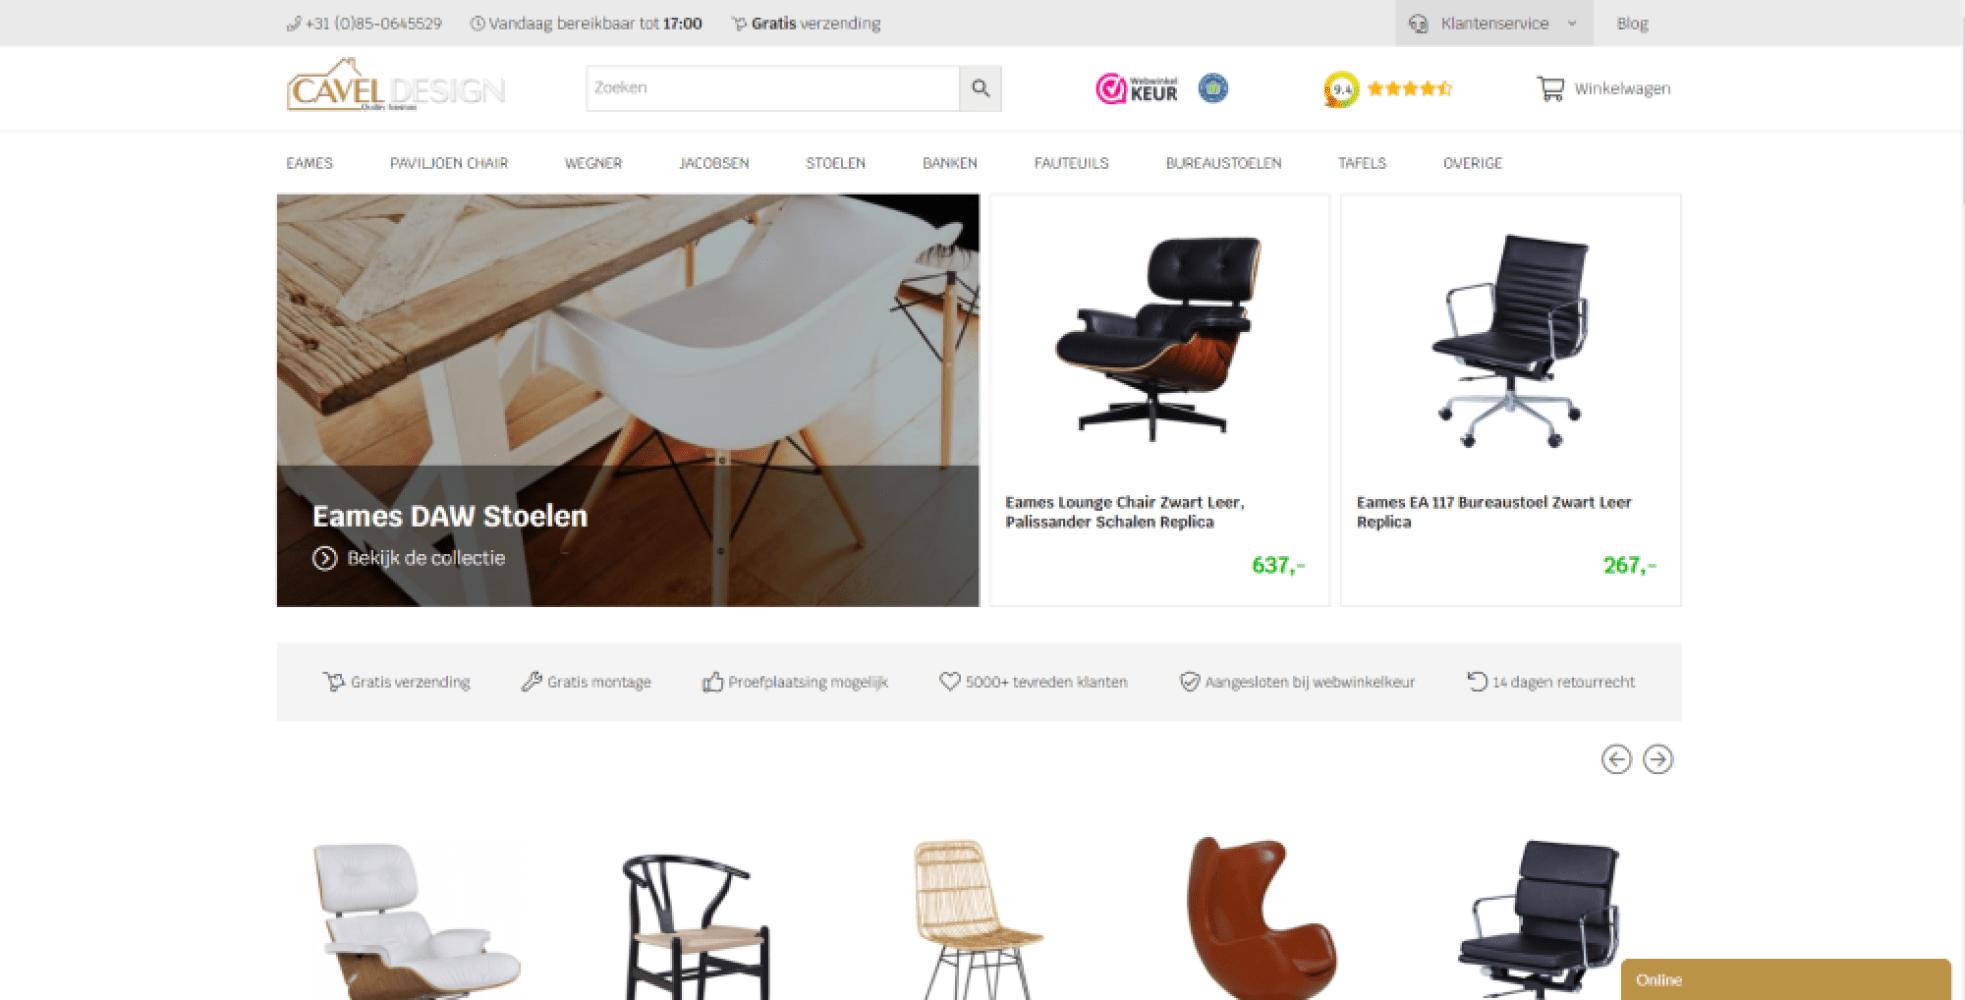 Cavel Design webshop - Inventus